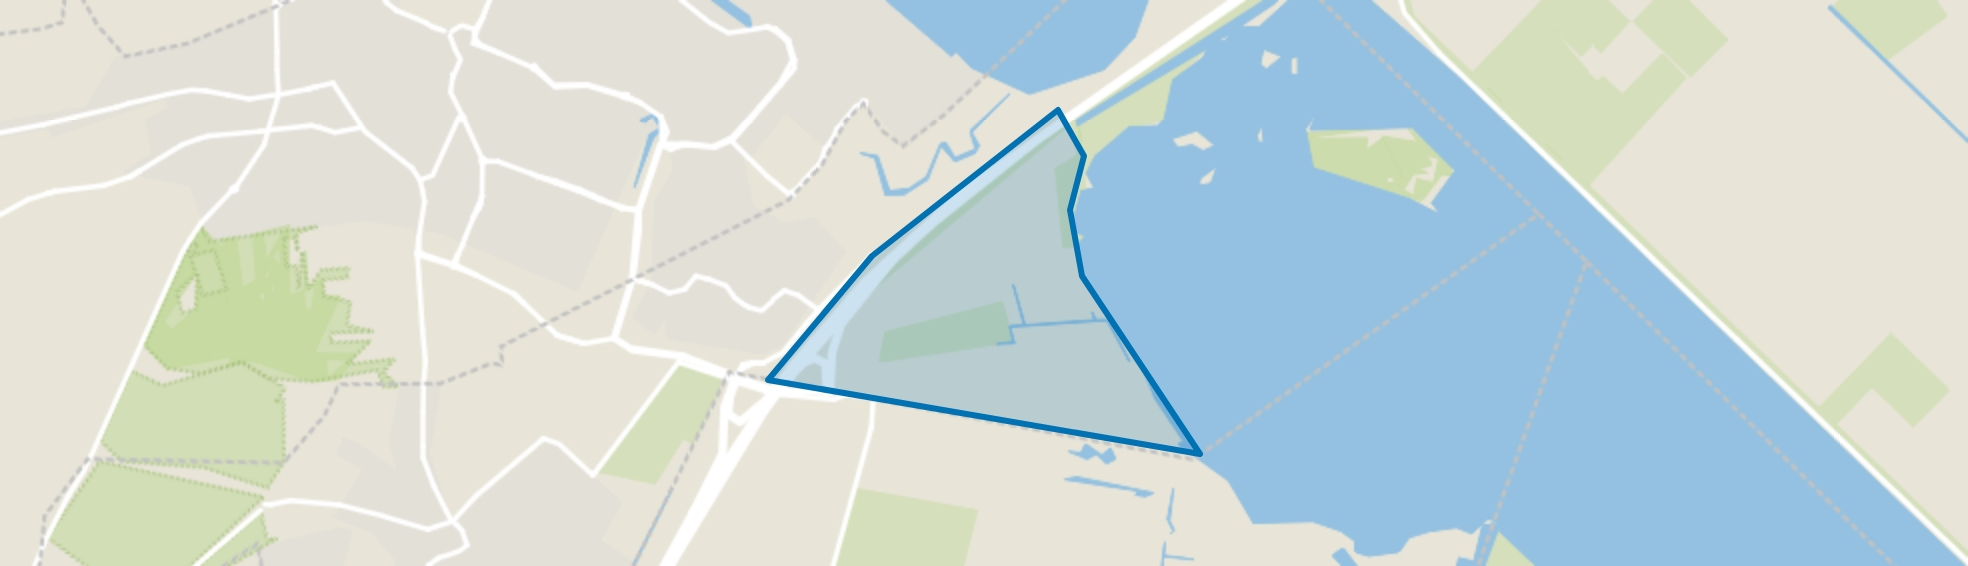 De Kampen, Blaricum map